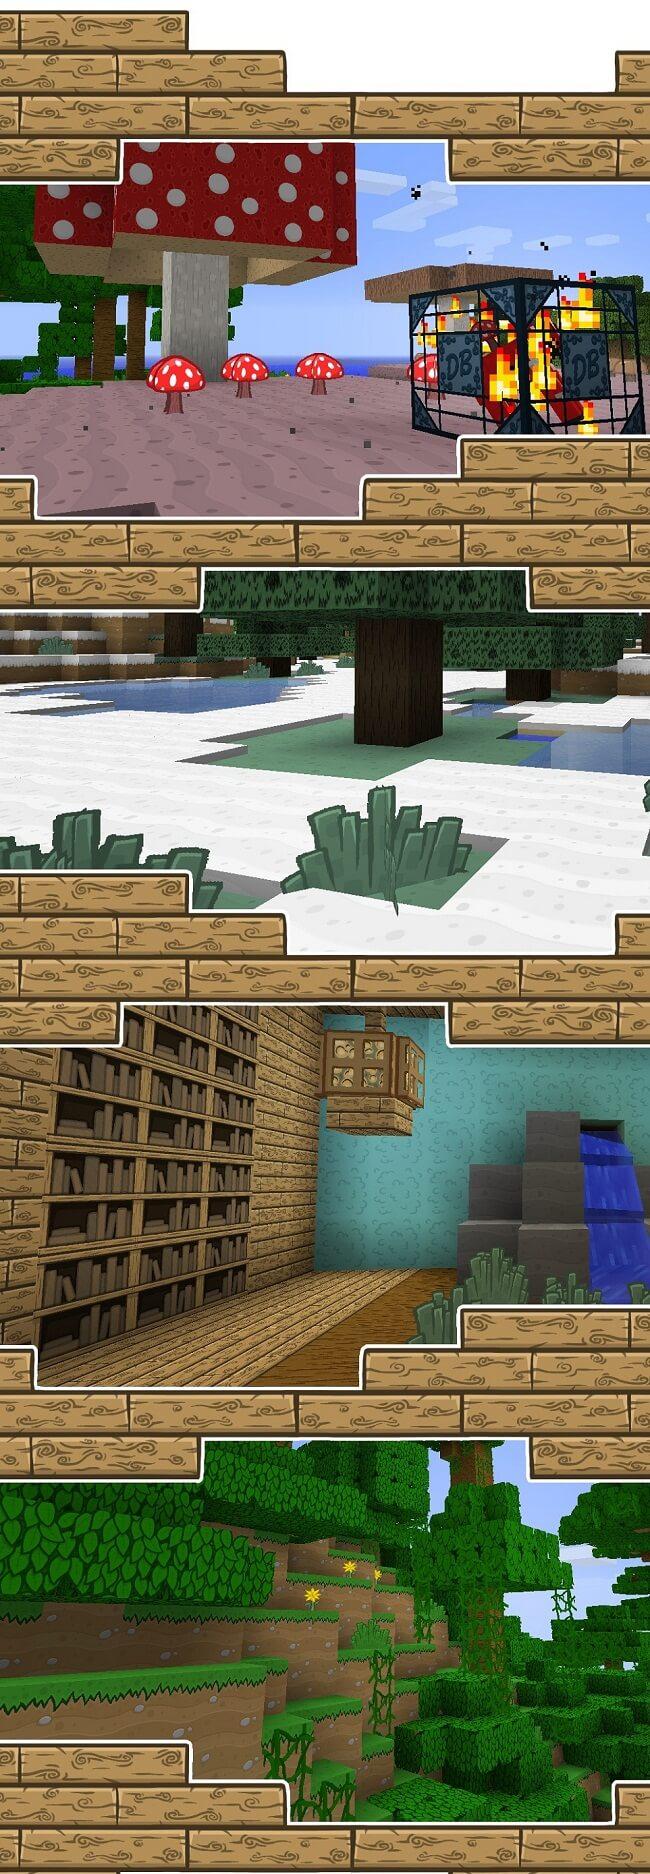 Doodle-blocks-pack-1.jpg